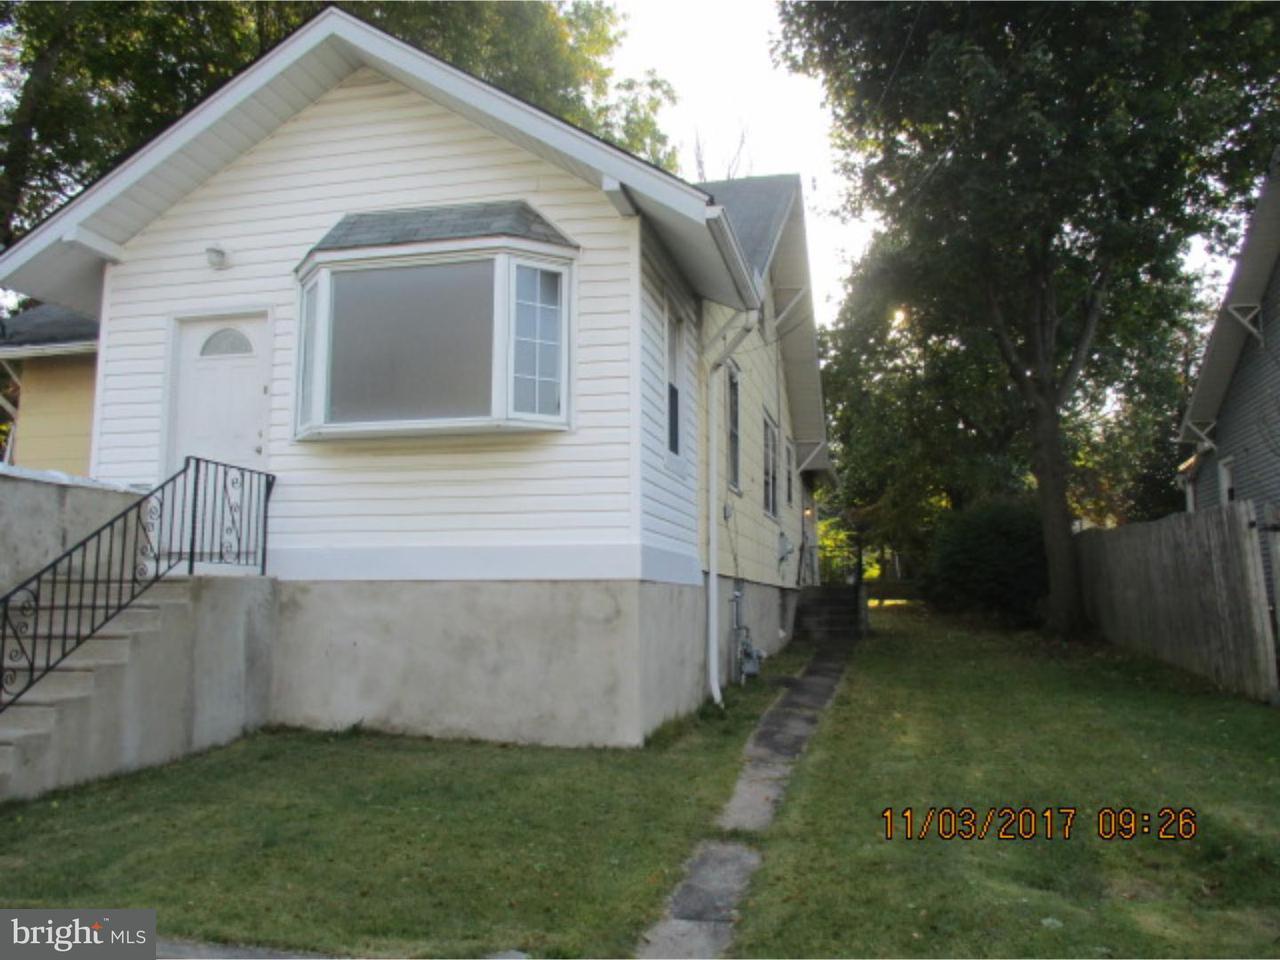 Частный односемейный дом для того Продажа на 116 S FOX Street Rockledge, Пенсильвания 19046 Соединенные Штаты